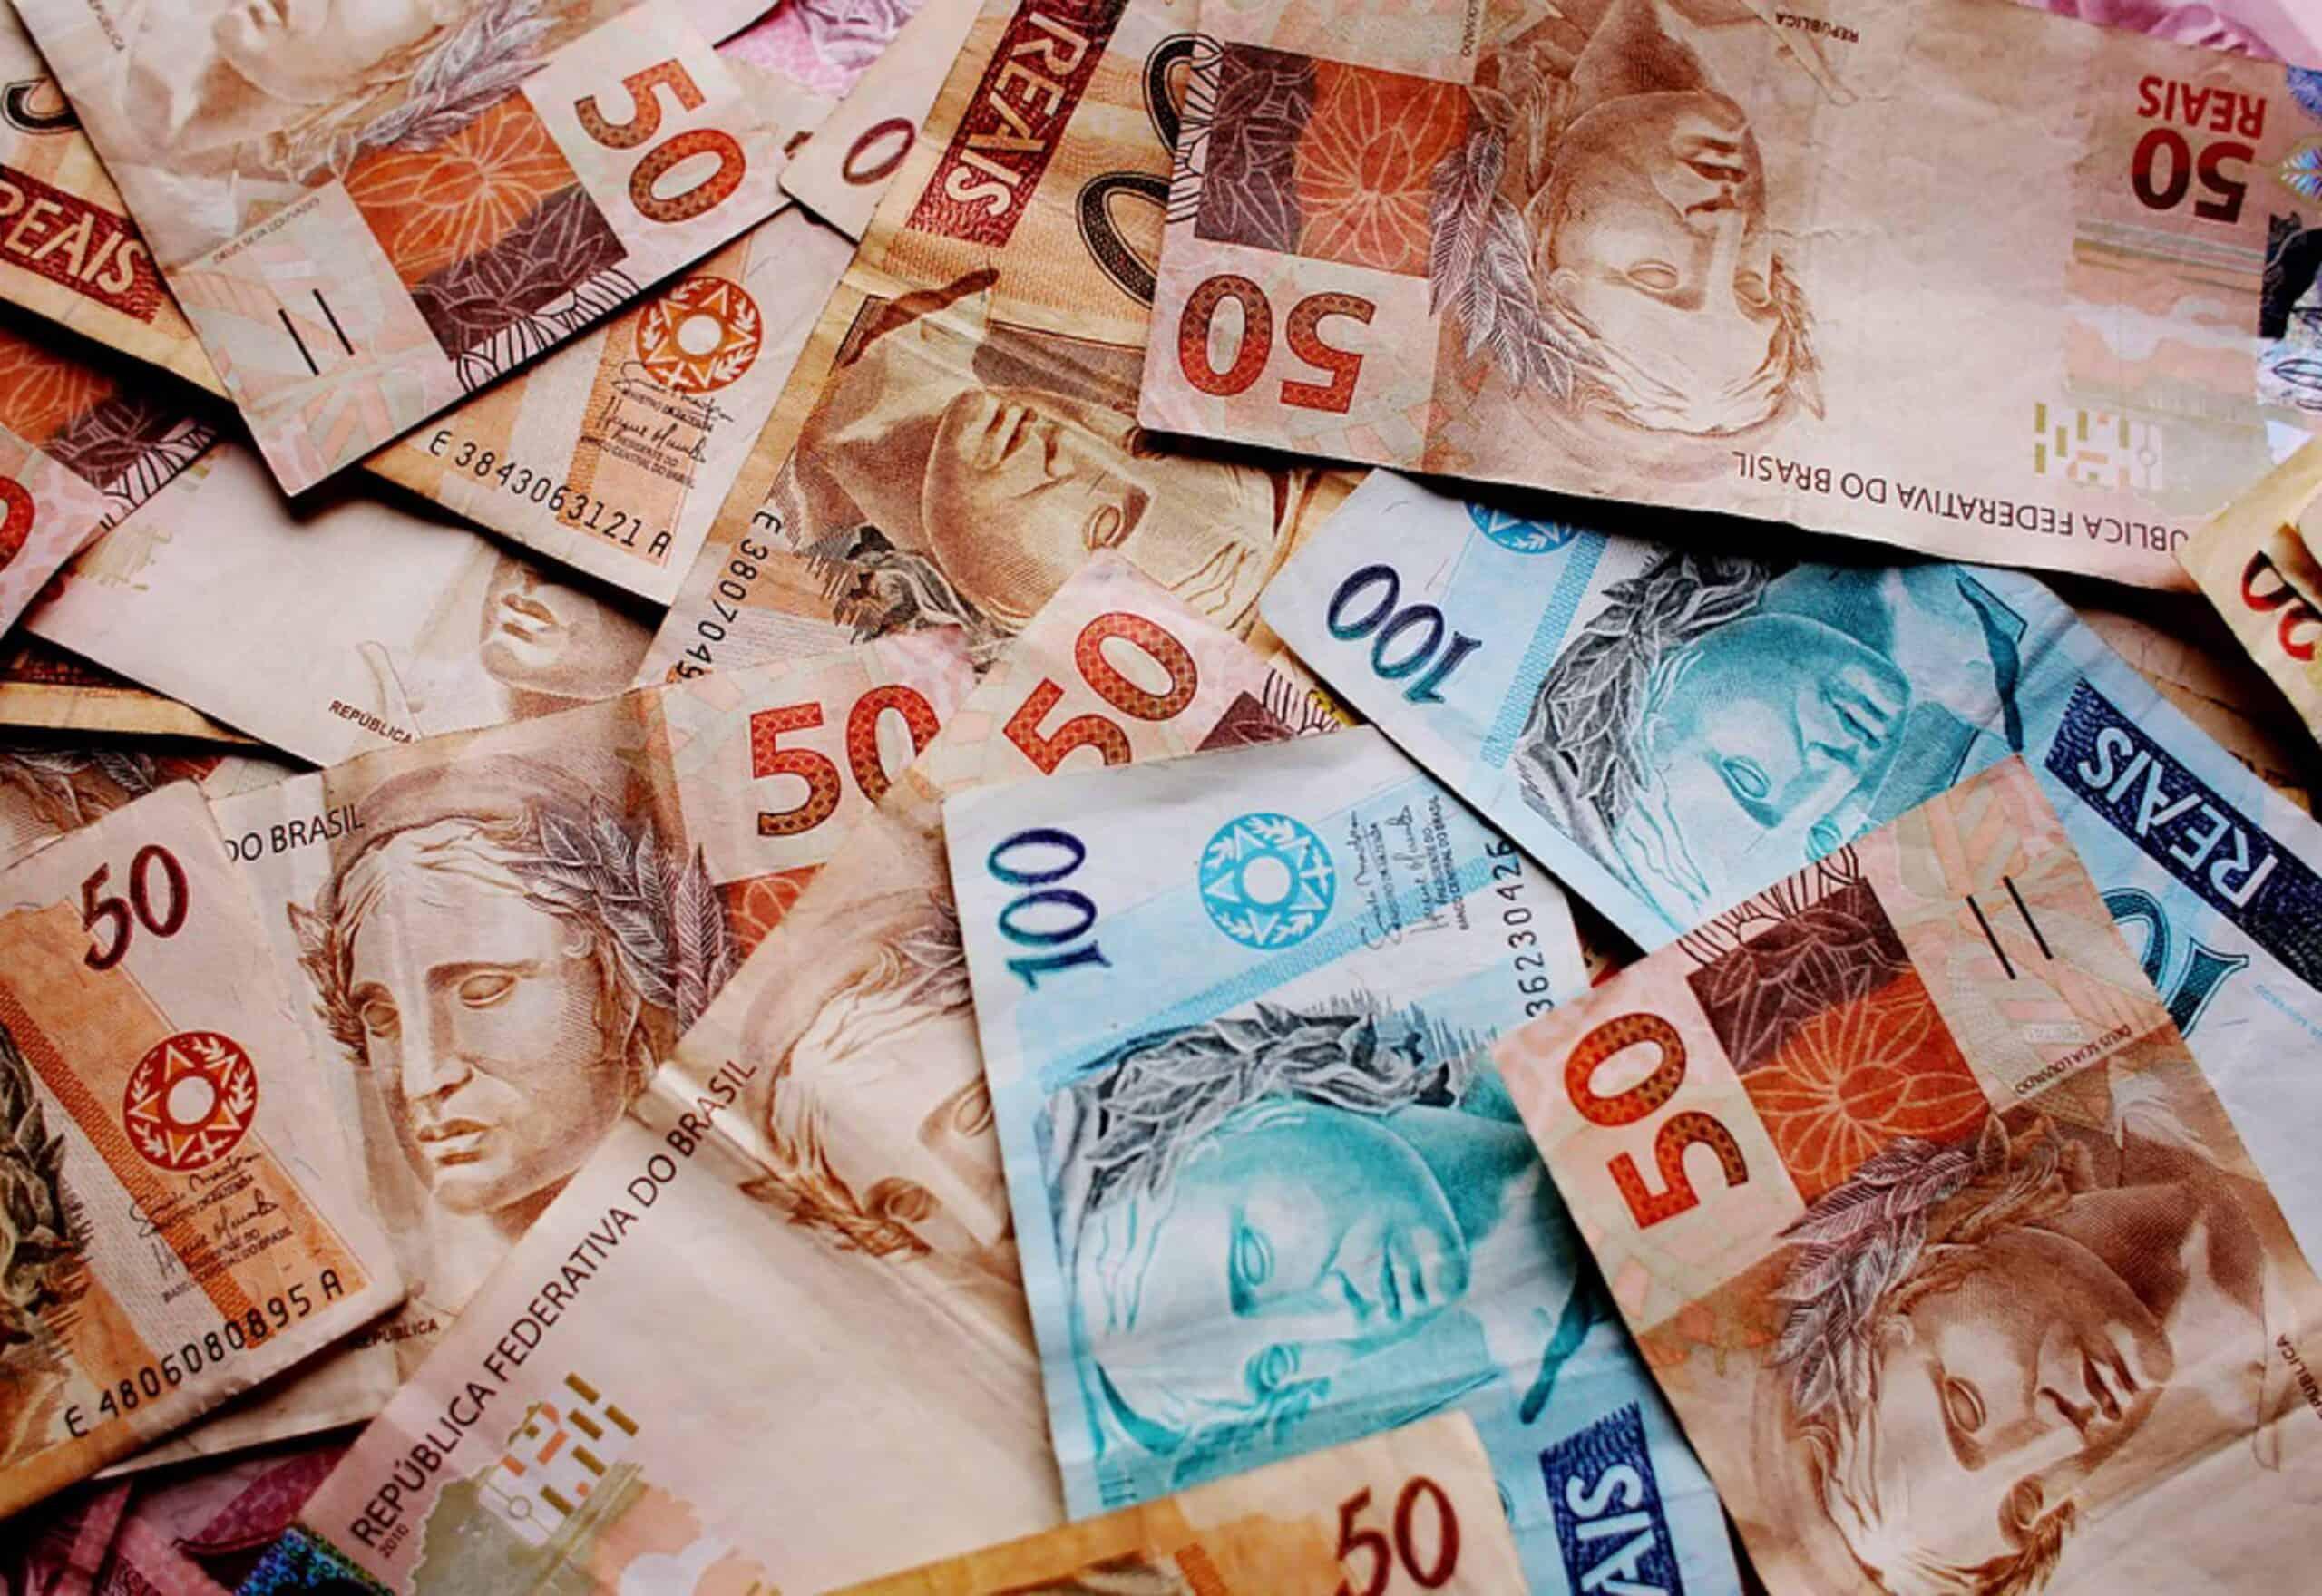 13° salário, INSS e fundo de garantia: TUDO o que muda com o corte no seu salário (Imagem: Google)